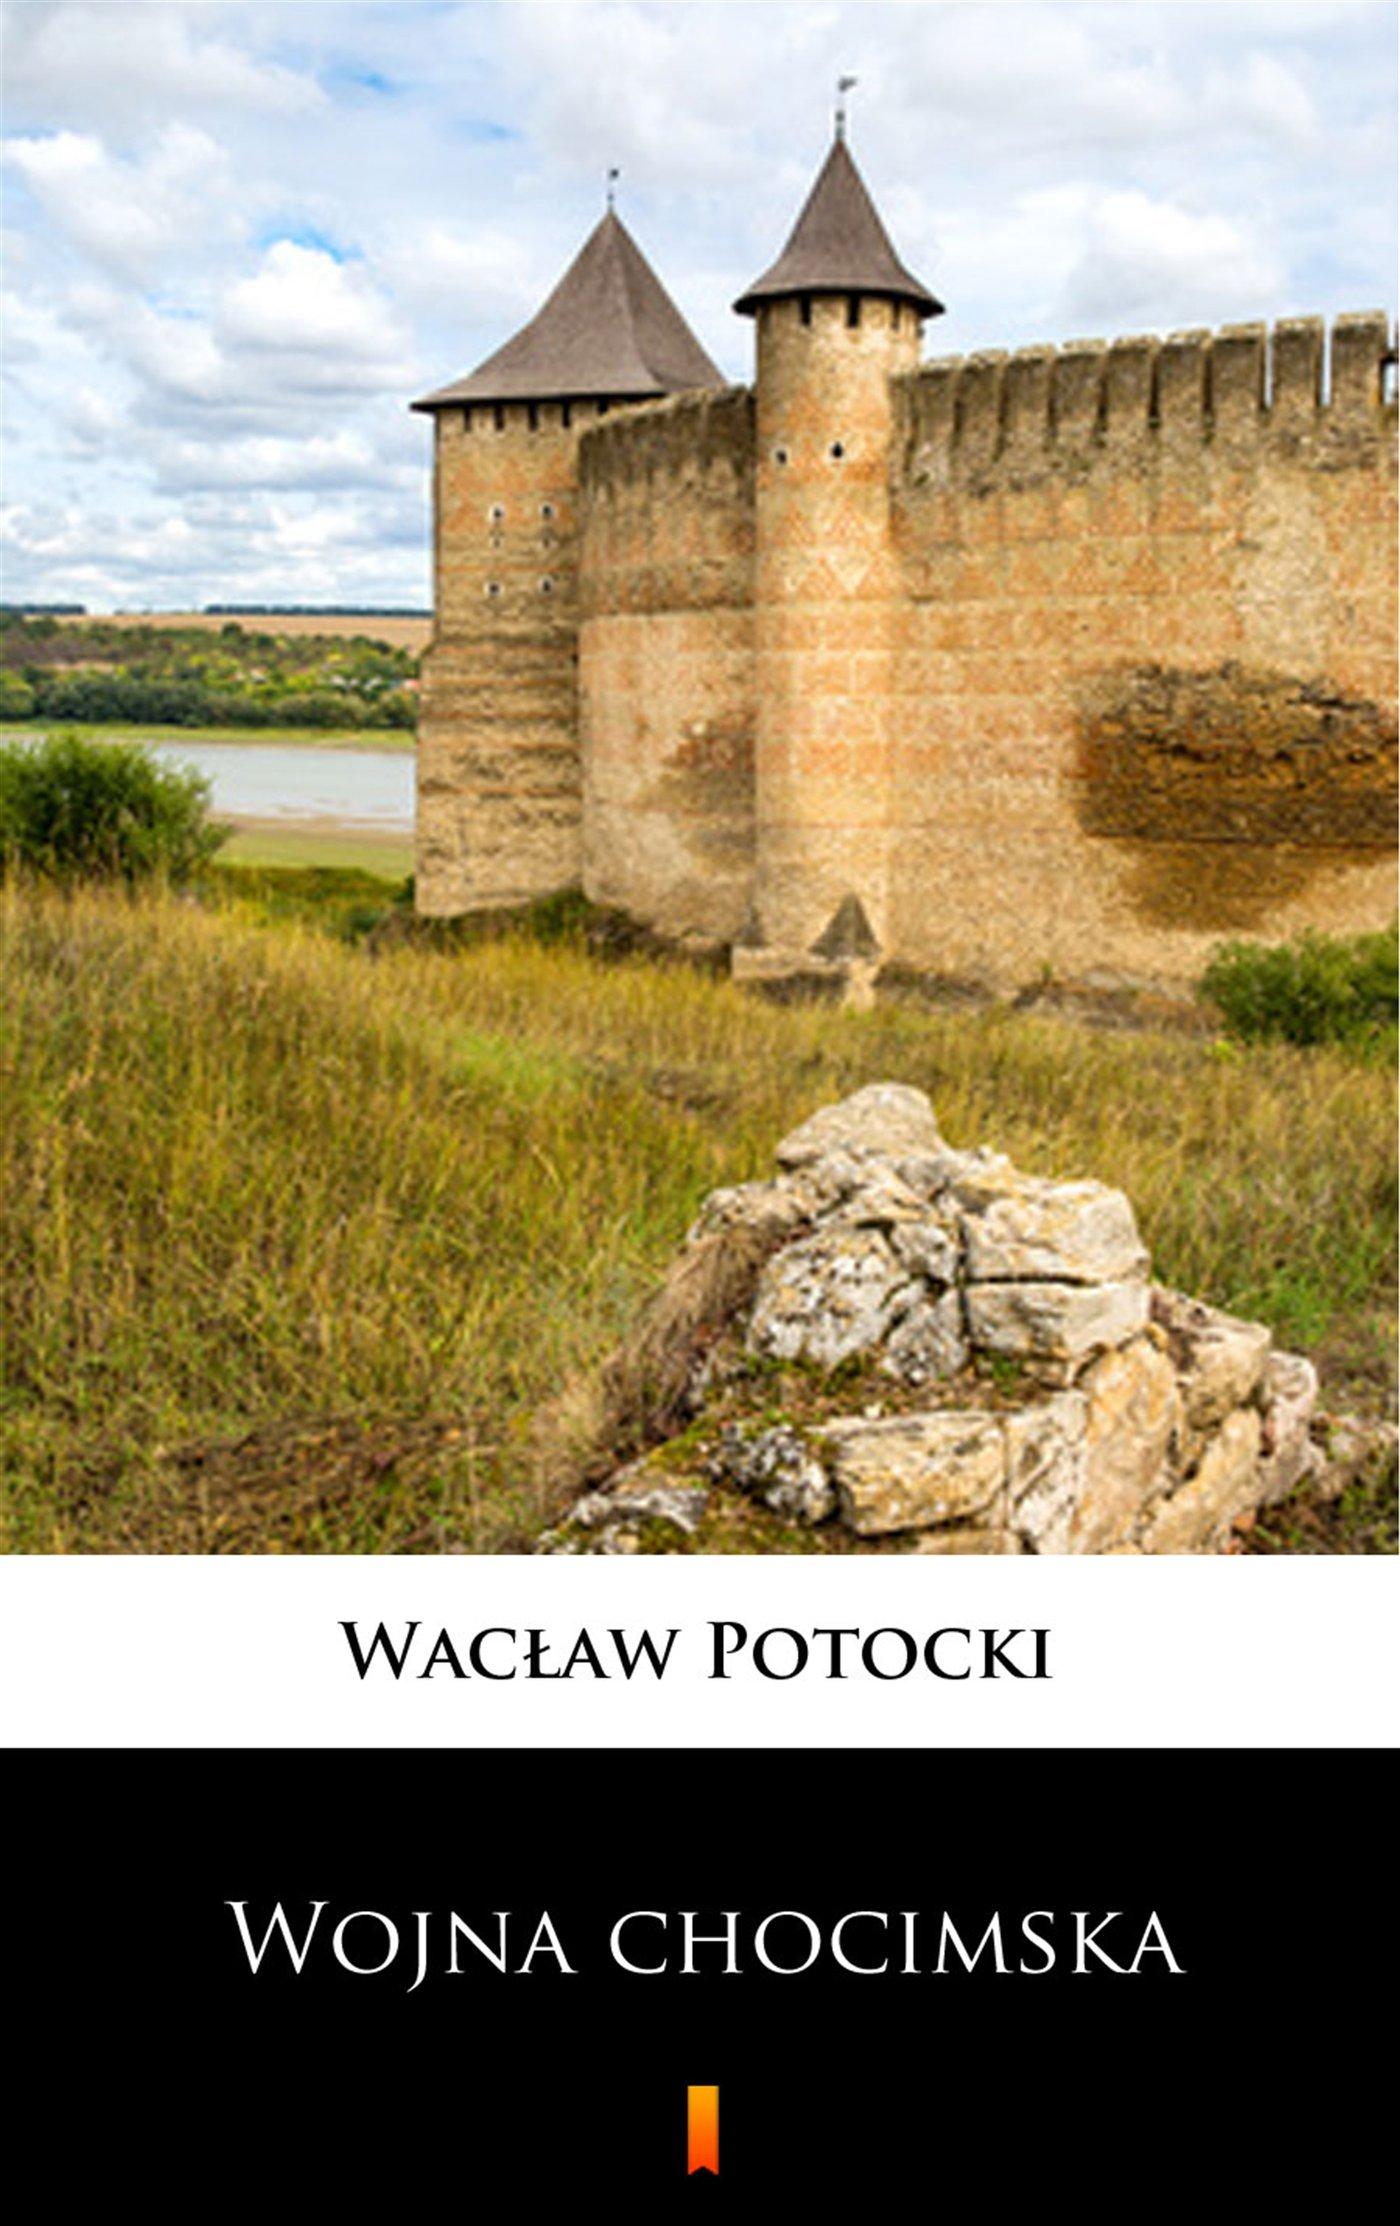 Transakcja wojny chocimskiej - Ebook (Książka EPUB) do pobrania w formacie EPUB